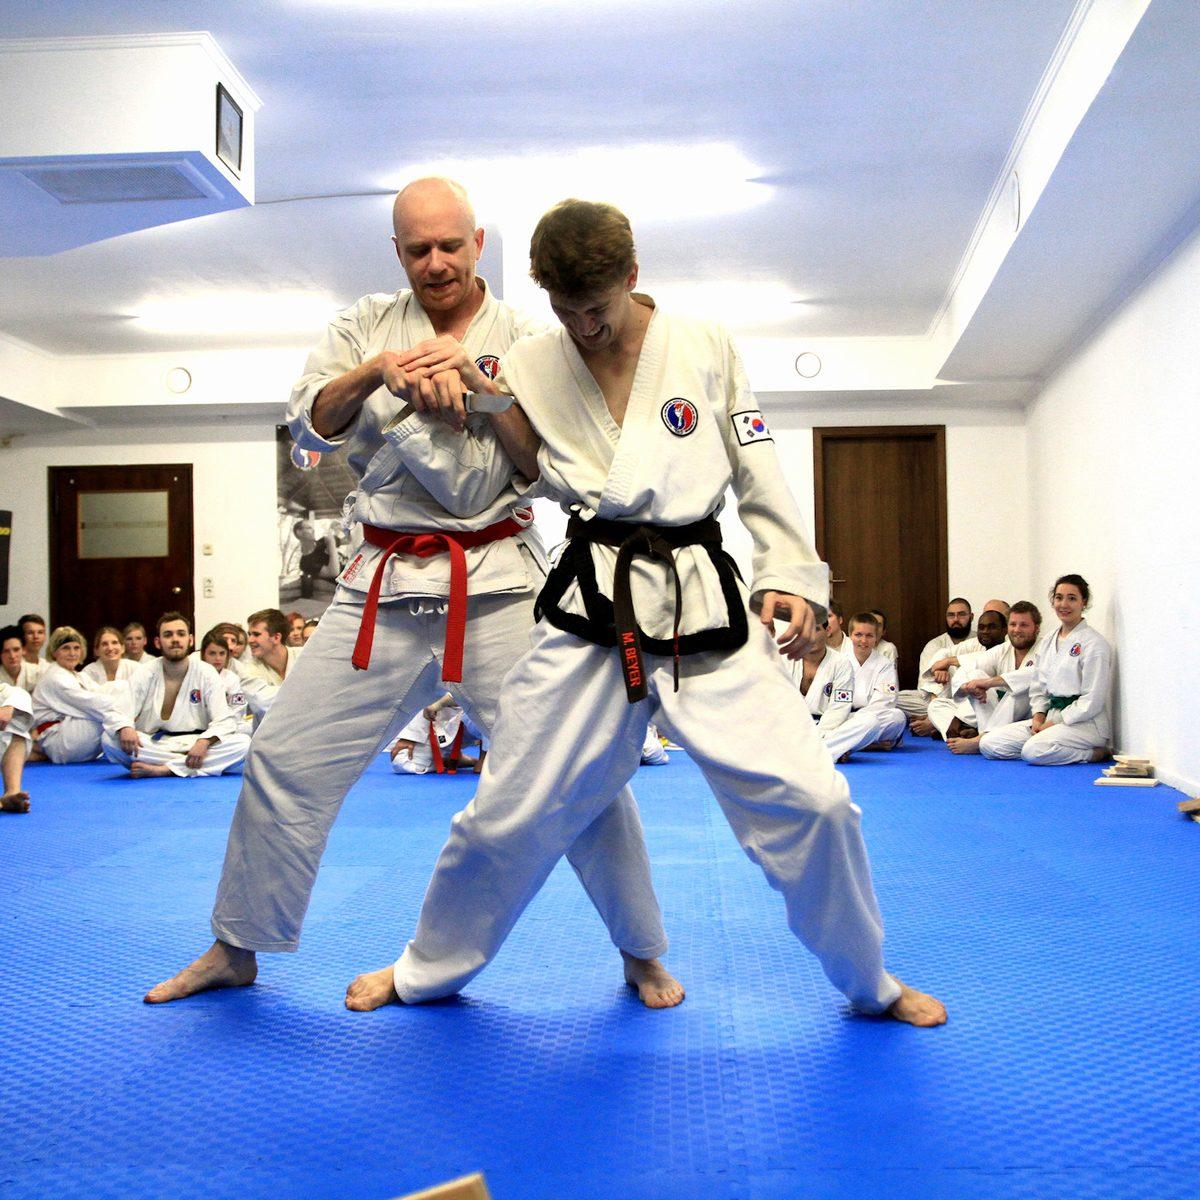 Kampfkunst, Kampfsport (Tae Kwon-Do und Karate) und Selbstverteidigung für Jugendliche und Erwachsene in der Kampfsportschule Weimar.